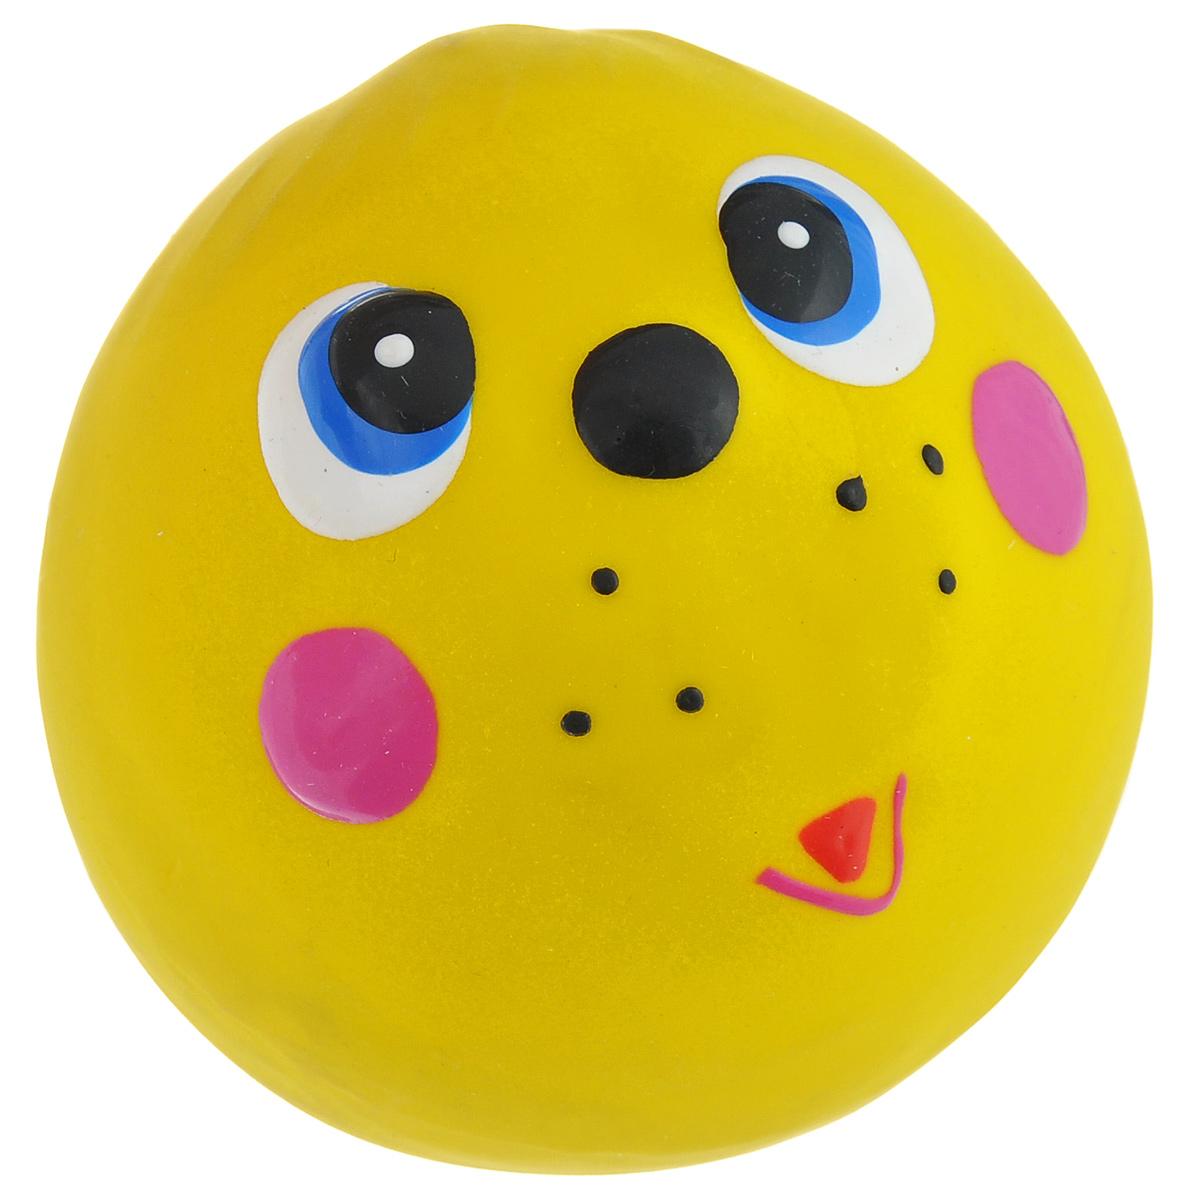 Игрушка для собак I.P.T.S. Мяч с мордочкой, цвет: желтый, диаметр 7 см620560_желтыйИгрушка для собак I.P.T.S. Мяч с мордочкой, изготовленная из высококачественного латекса, выполнена в виде мячика с милой мордочкой. Такая игрушка порадует вашего любимца, а вам доставит массу приятных эмоций, ведь наблюдать за игрой всегда интересно и приятно. Оставшись в одиночестве, ваша собака будет увлеченно играть. Диаметр: 7 см.